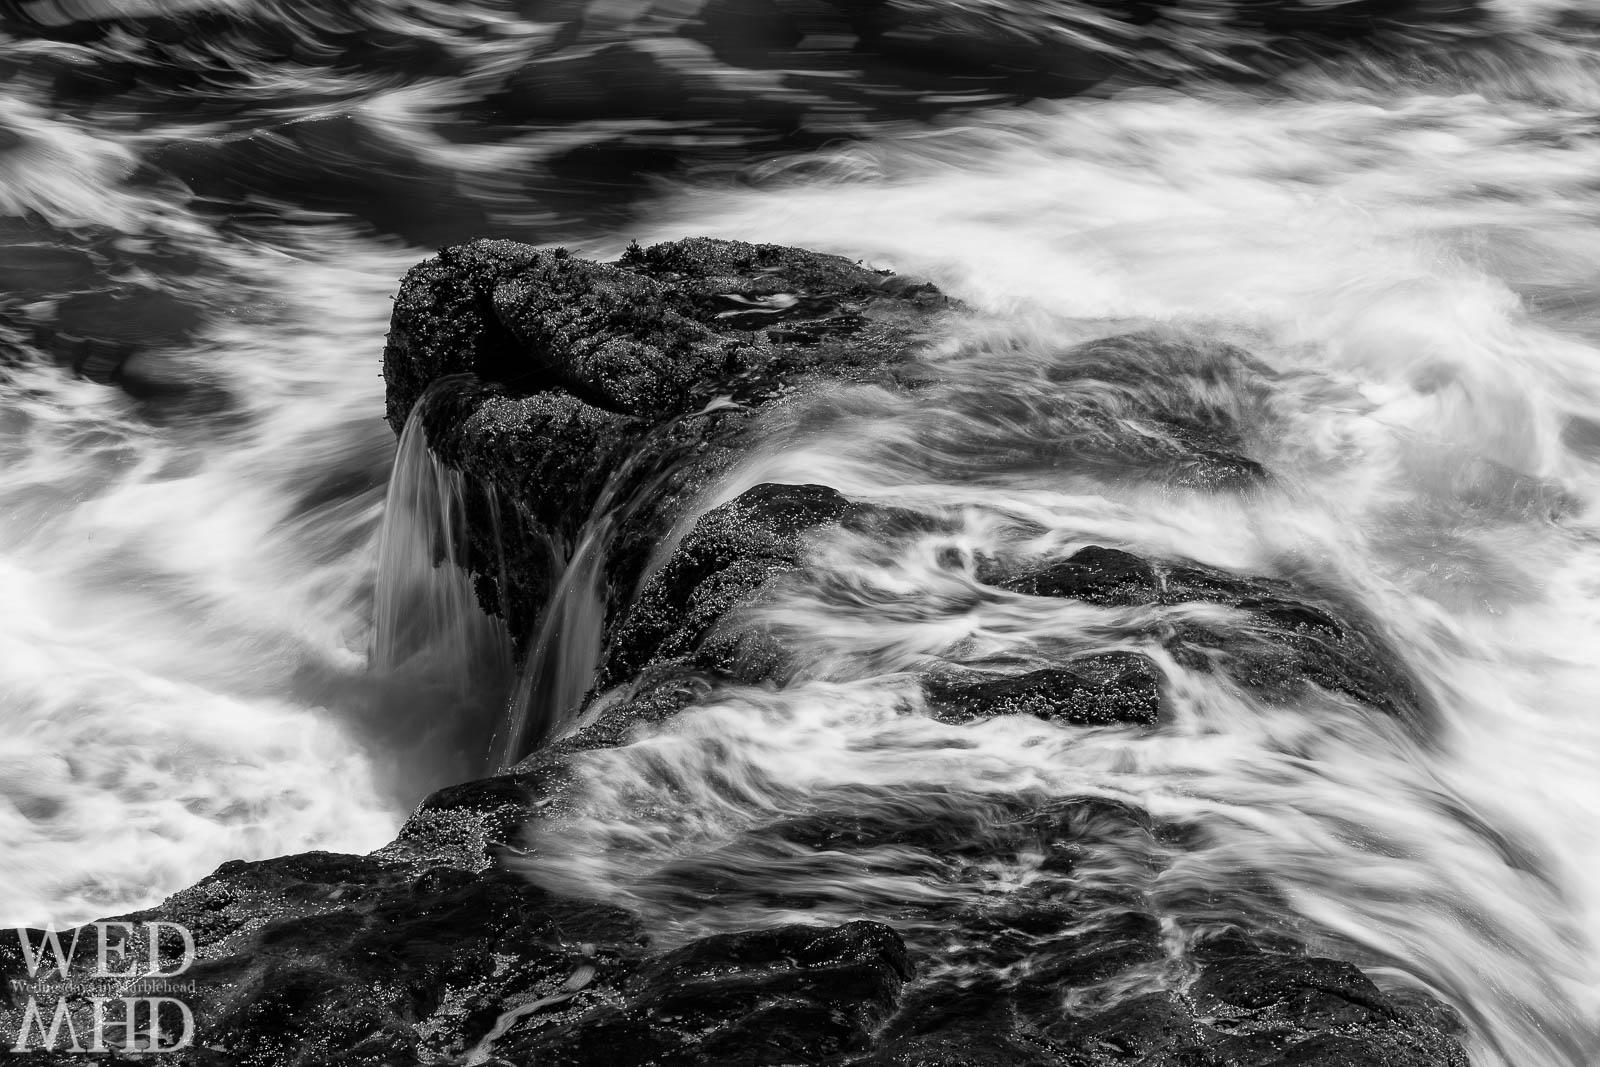 Waterfalls in Marblehead